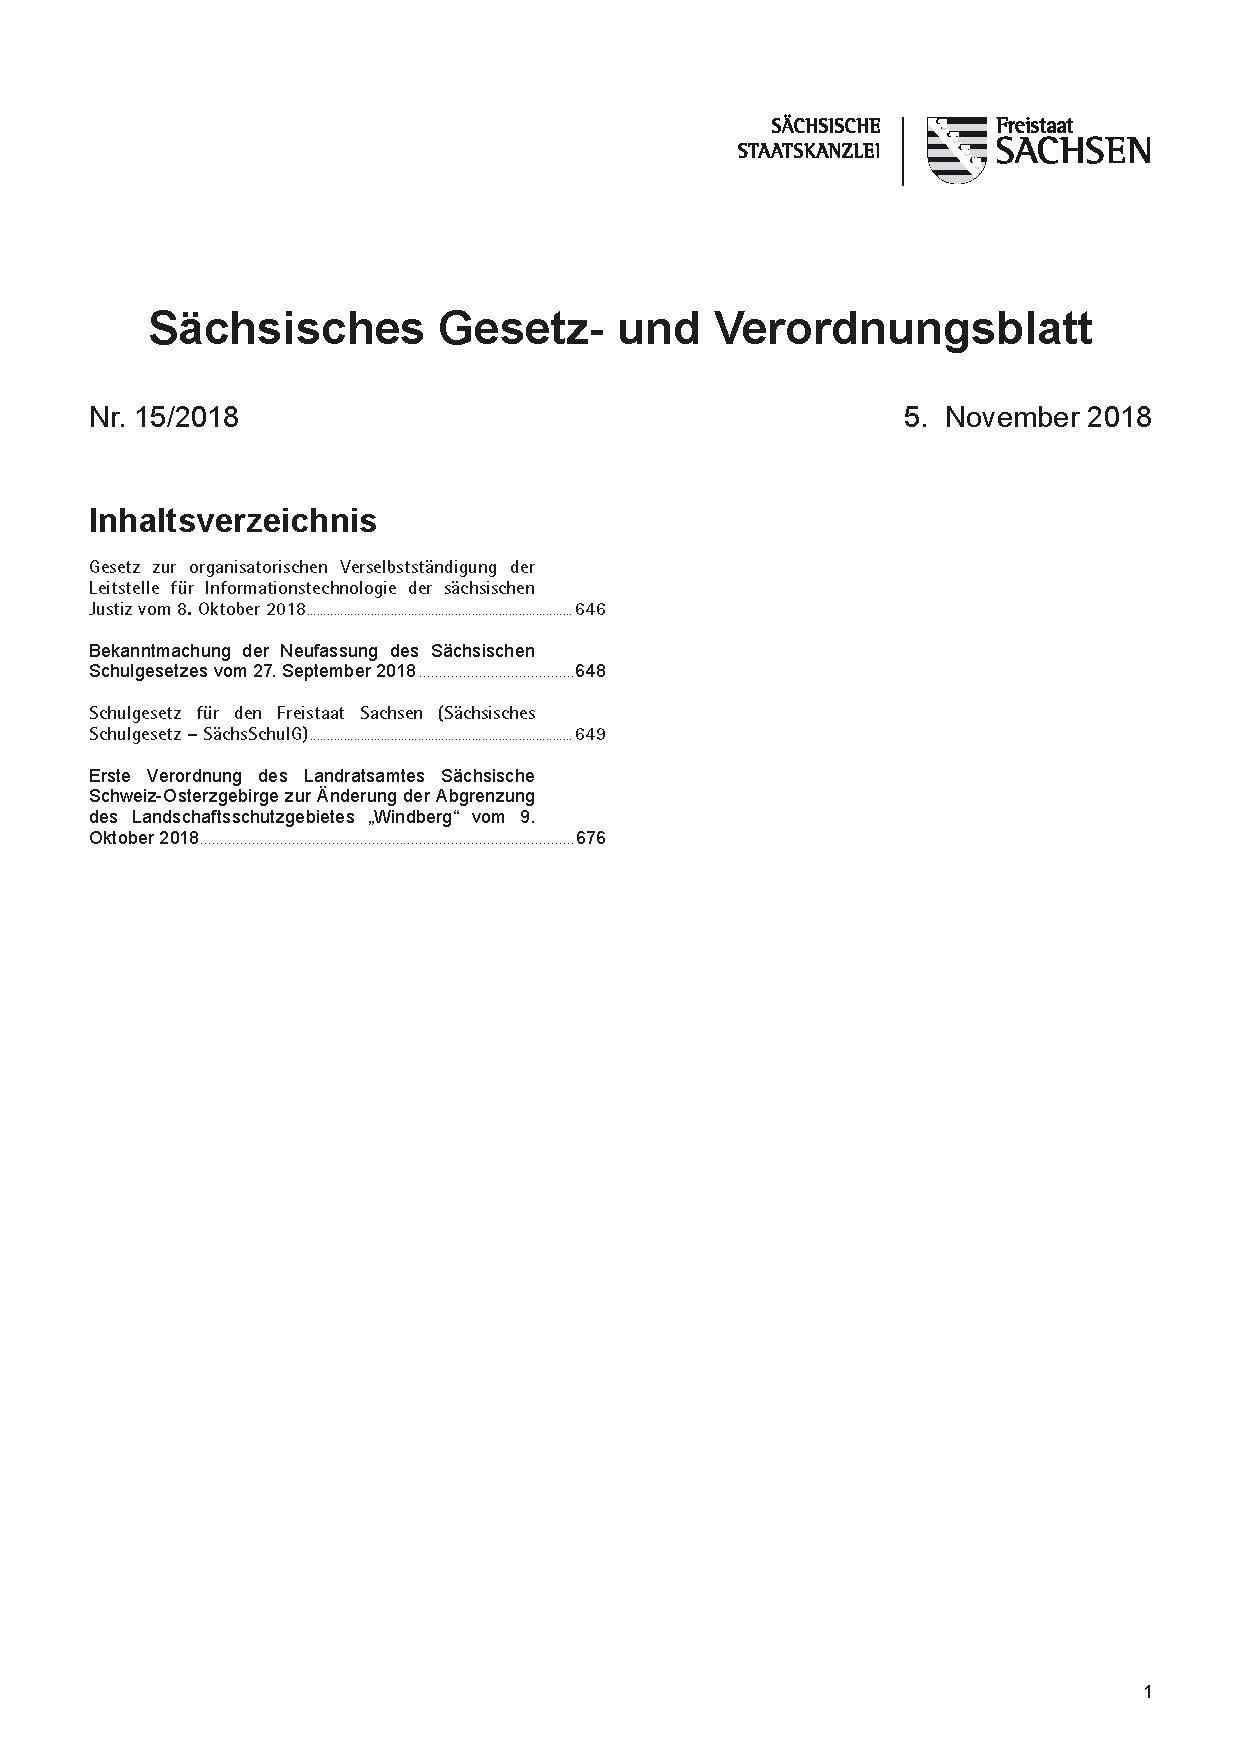 Archiv zum Sächsisches Gesetz- und Verordnungsblatt